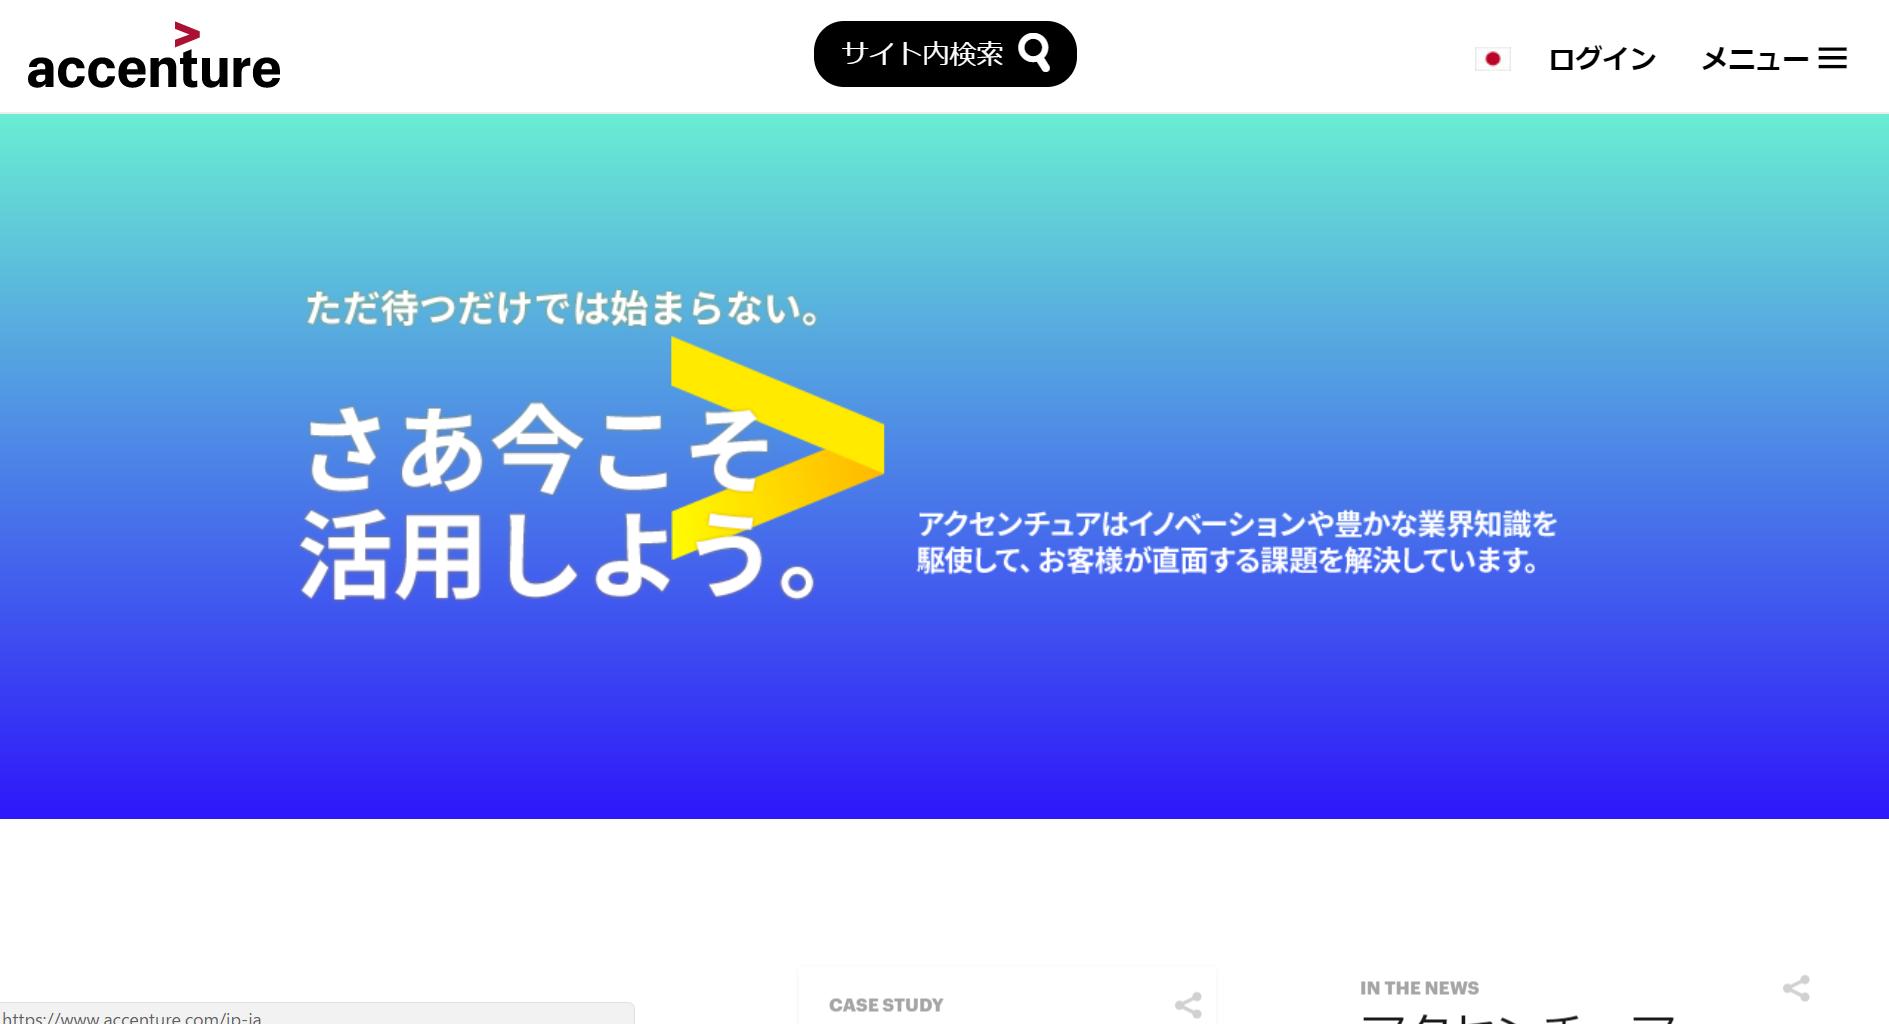 アクセンチュアの評判・口コミ